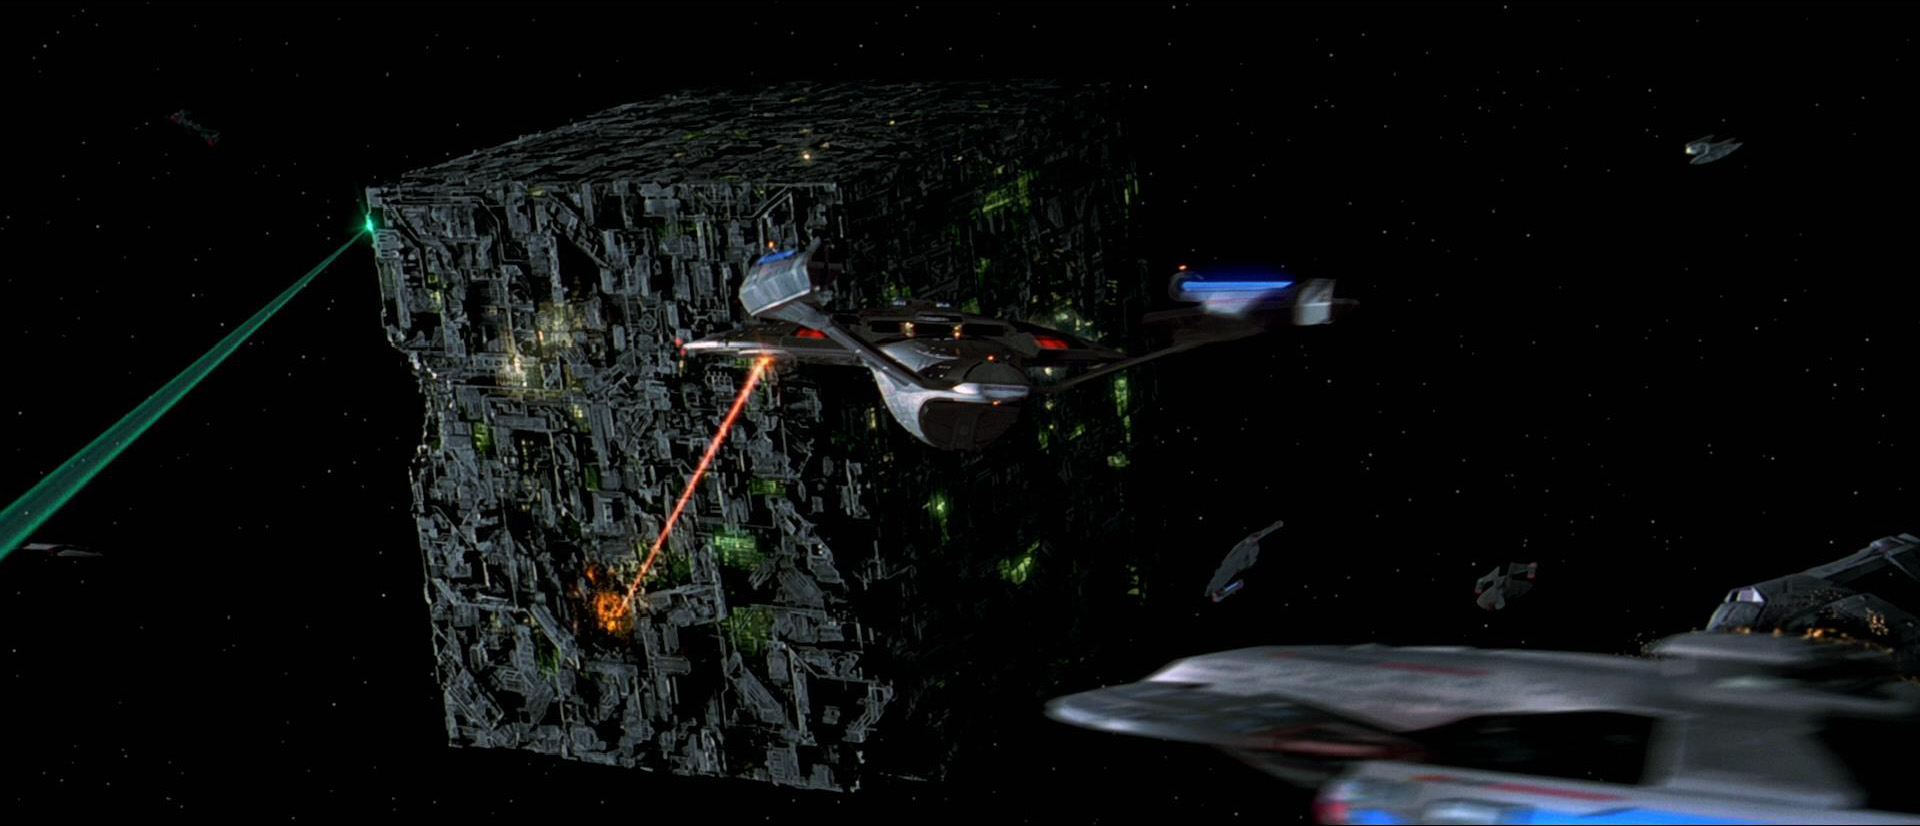 Star Trek Time Travel Ship Star Trek Armada